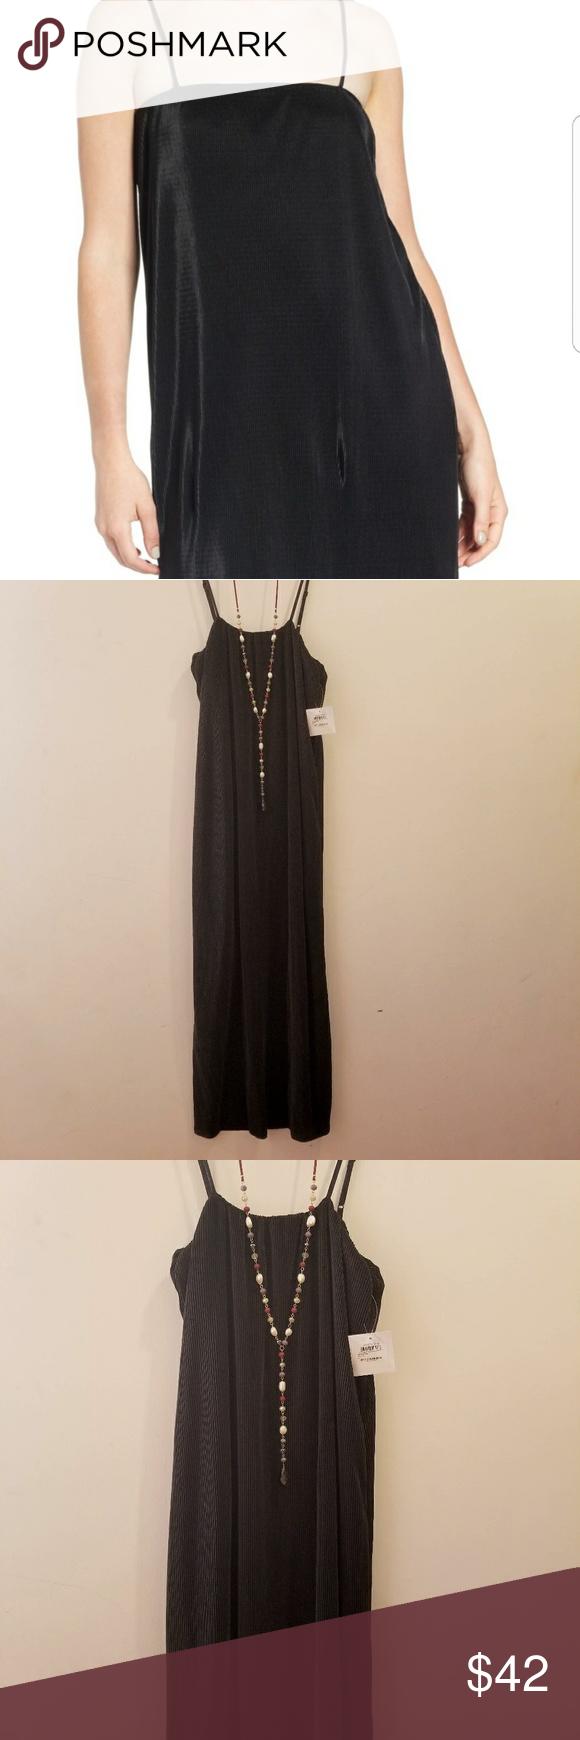 32f9716d1d BP Black Ribbed Midi Slip Dress Gorgeous lined black ribbed midi dress.  Perfect for a